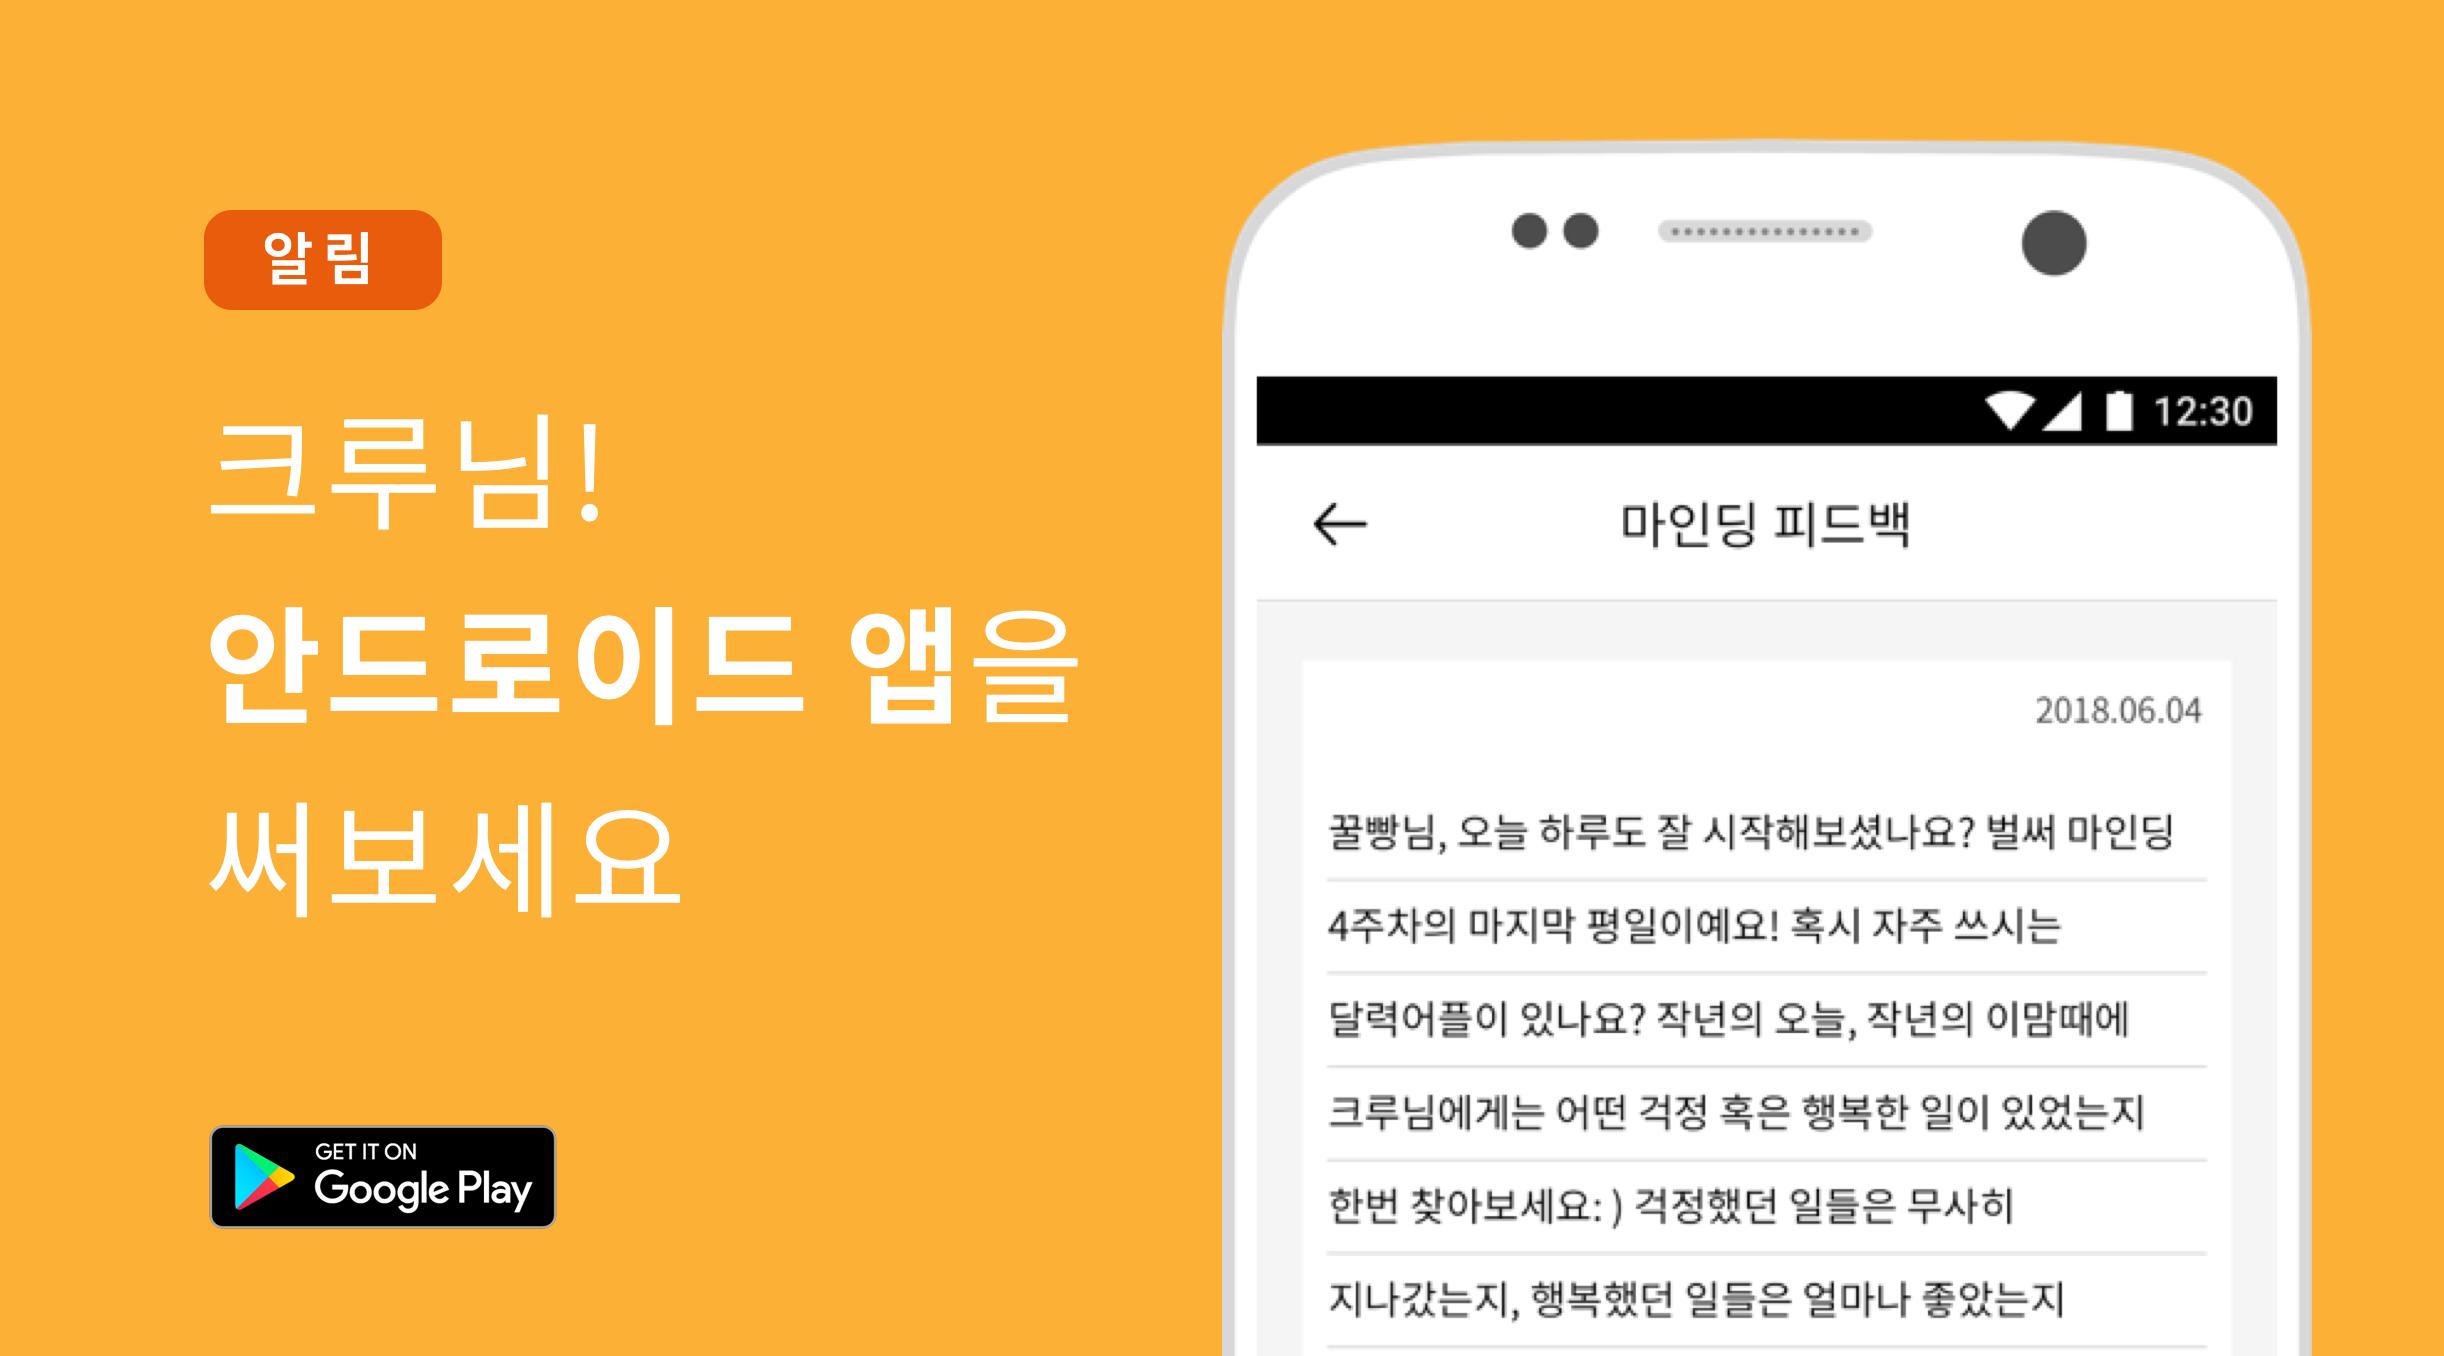 마인딩 안드로이드 앱 런칭!